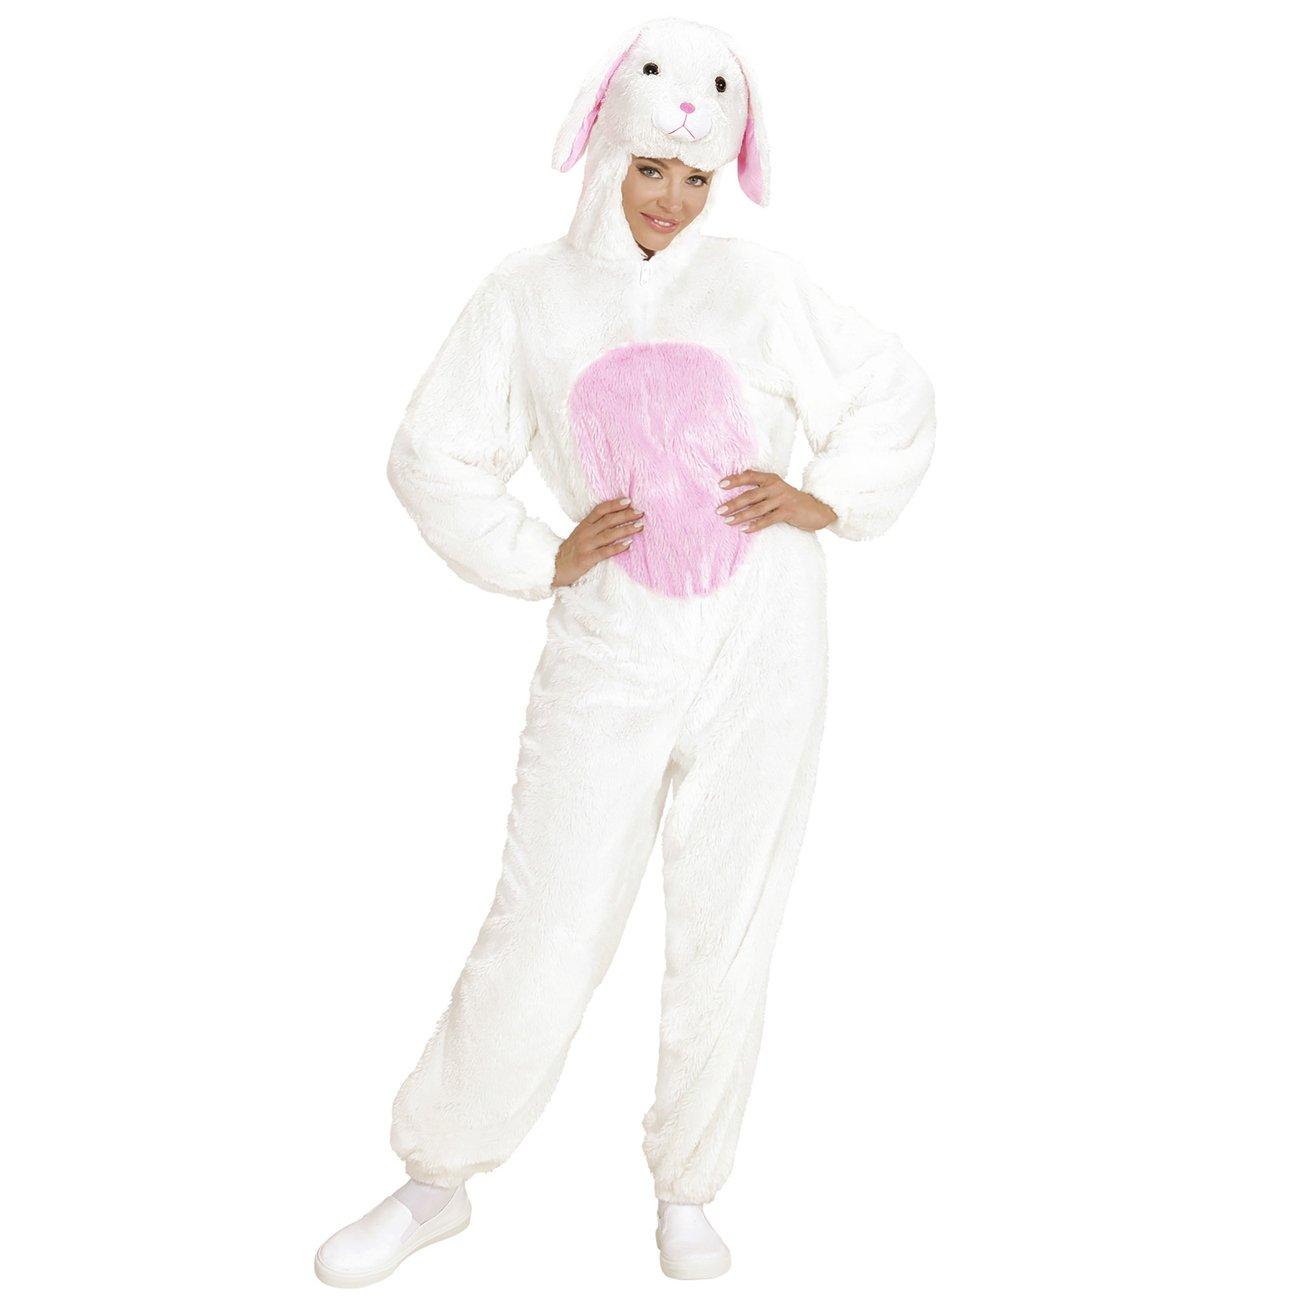 WIDMANN Adultos Disfraz Conejo: Amazon.es: Juguetes y juegos